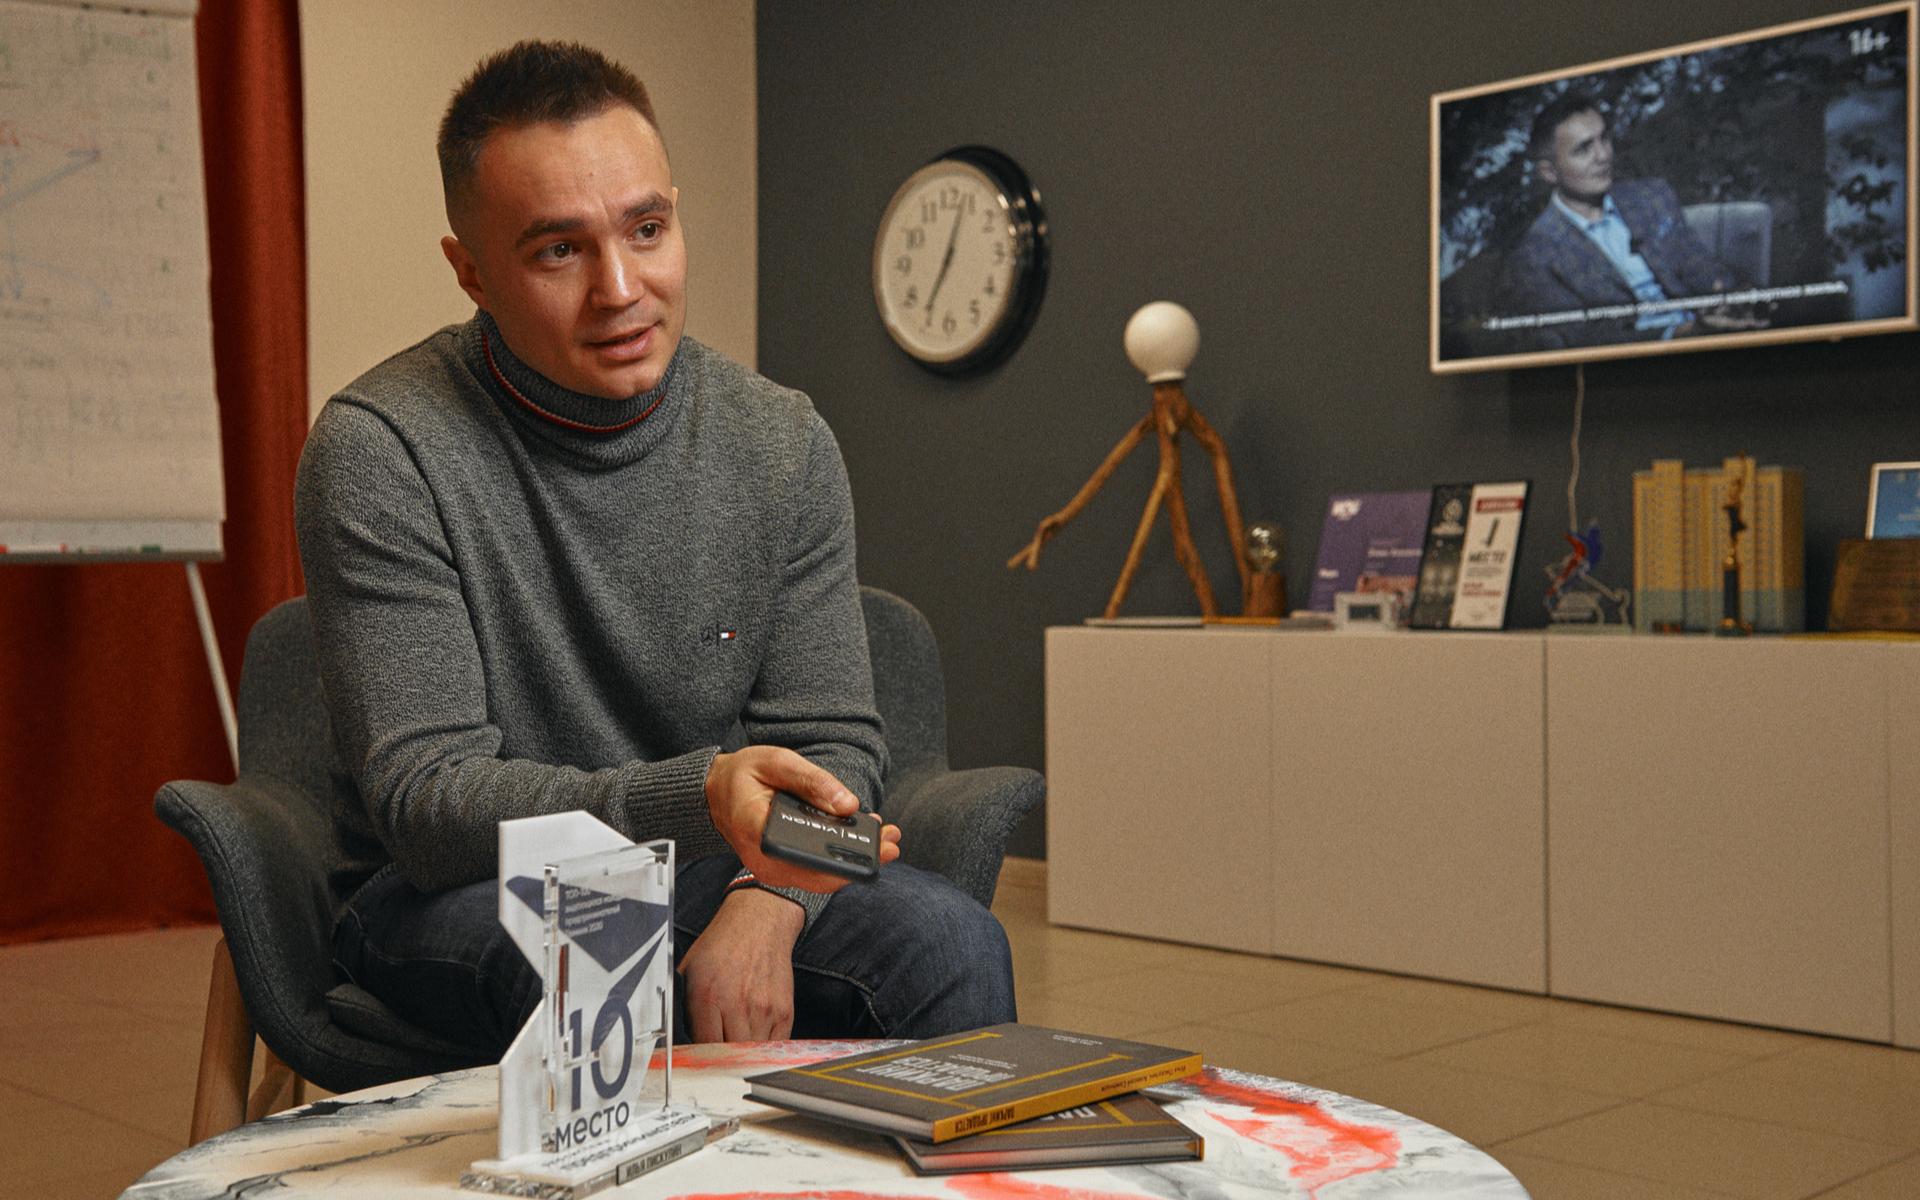 Илья Пискулин, CEO компании DeVision